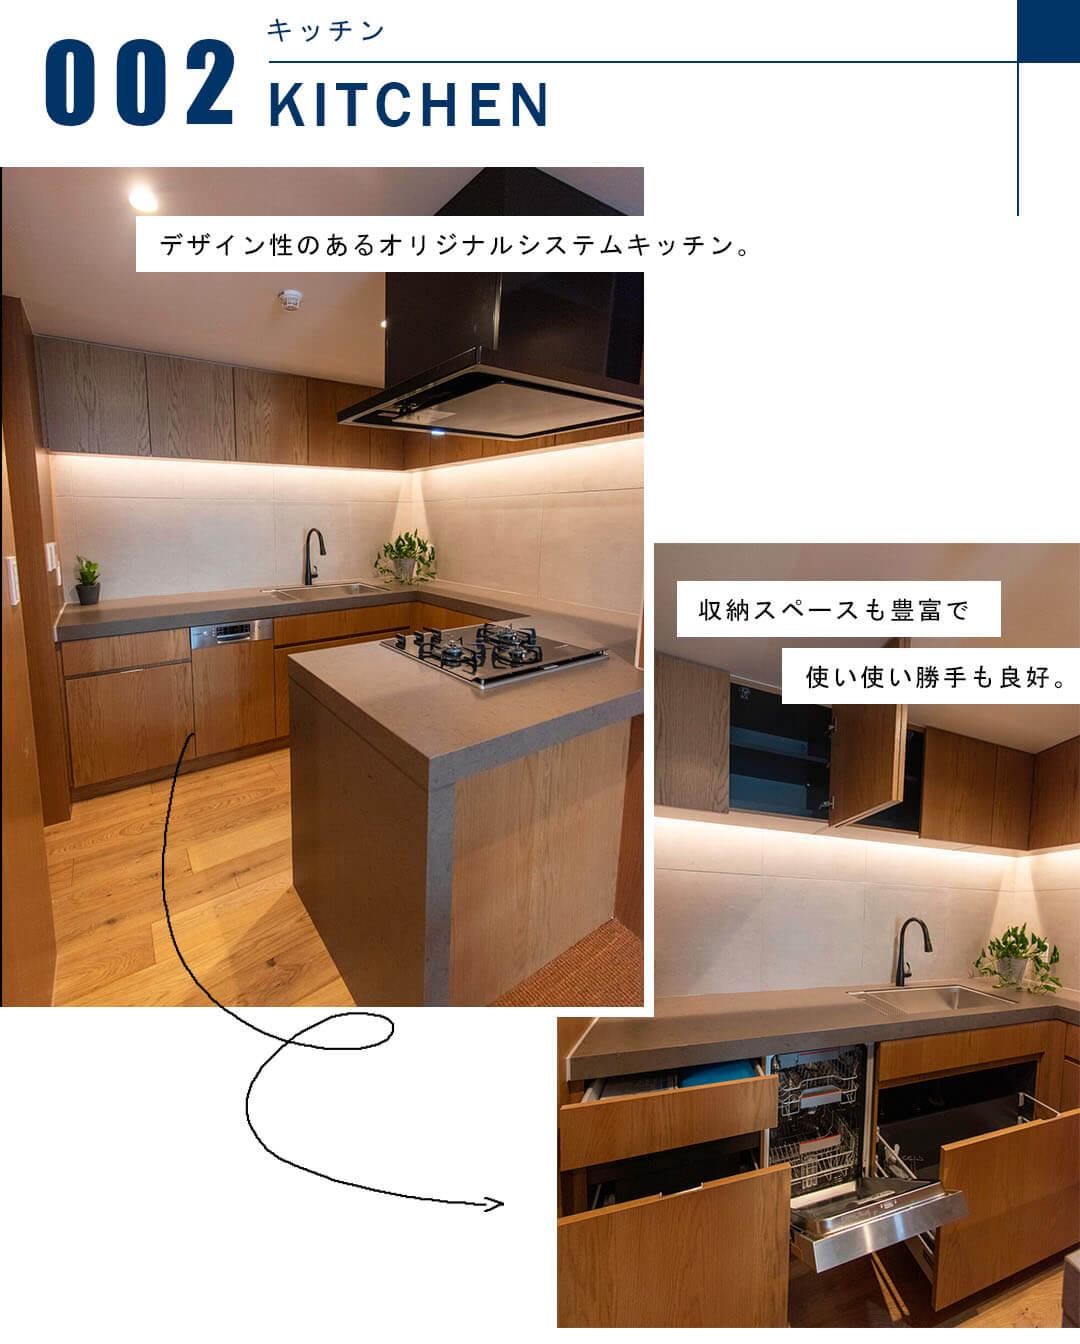 マノー乃木坂のキッチン